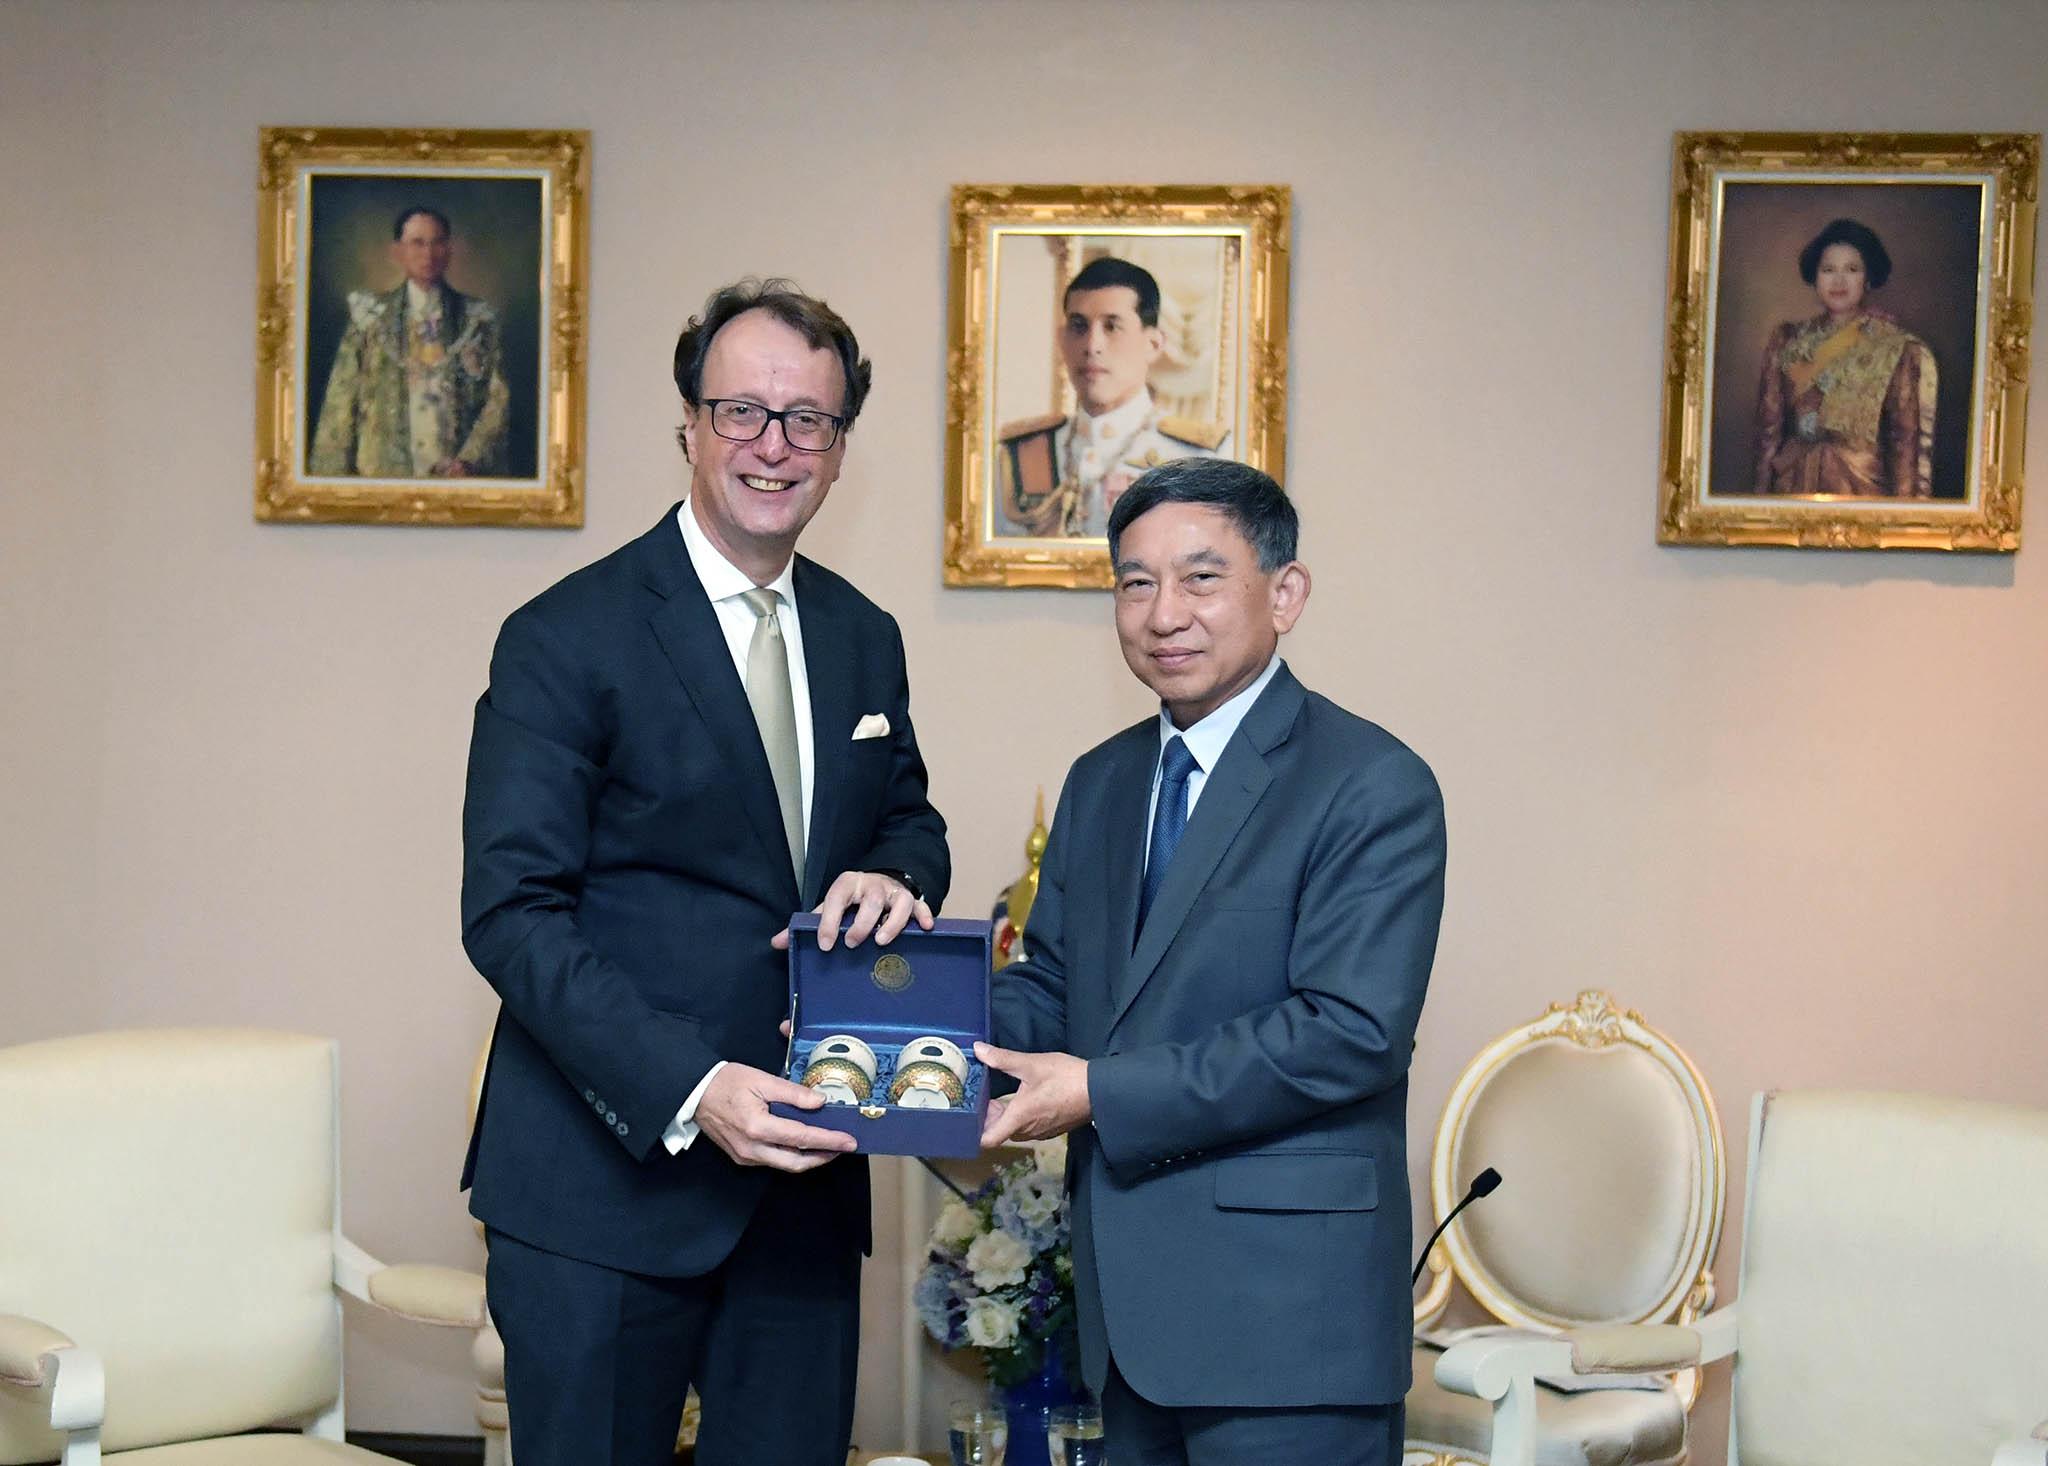 เอกอัครราชทูตสาธารณรัฐฝรั่งเศสประจำประเทศไทย  เข้าเยี่ยมคารวะรองนายกรัฐมนตรีและรัฐมนตรีว่าการกระทรวงยุติธรรม